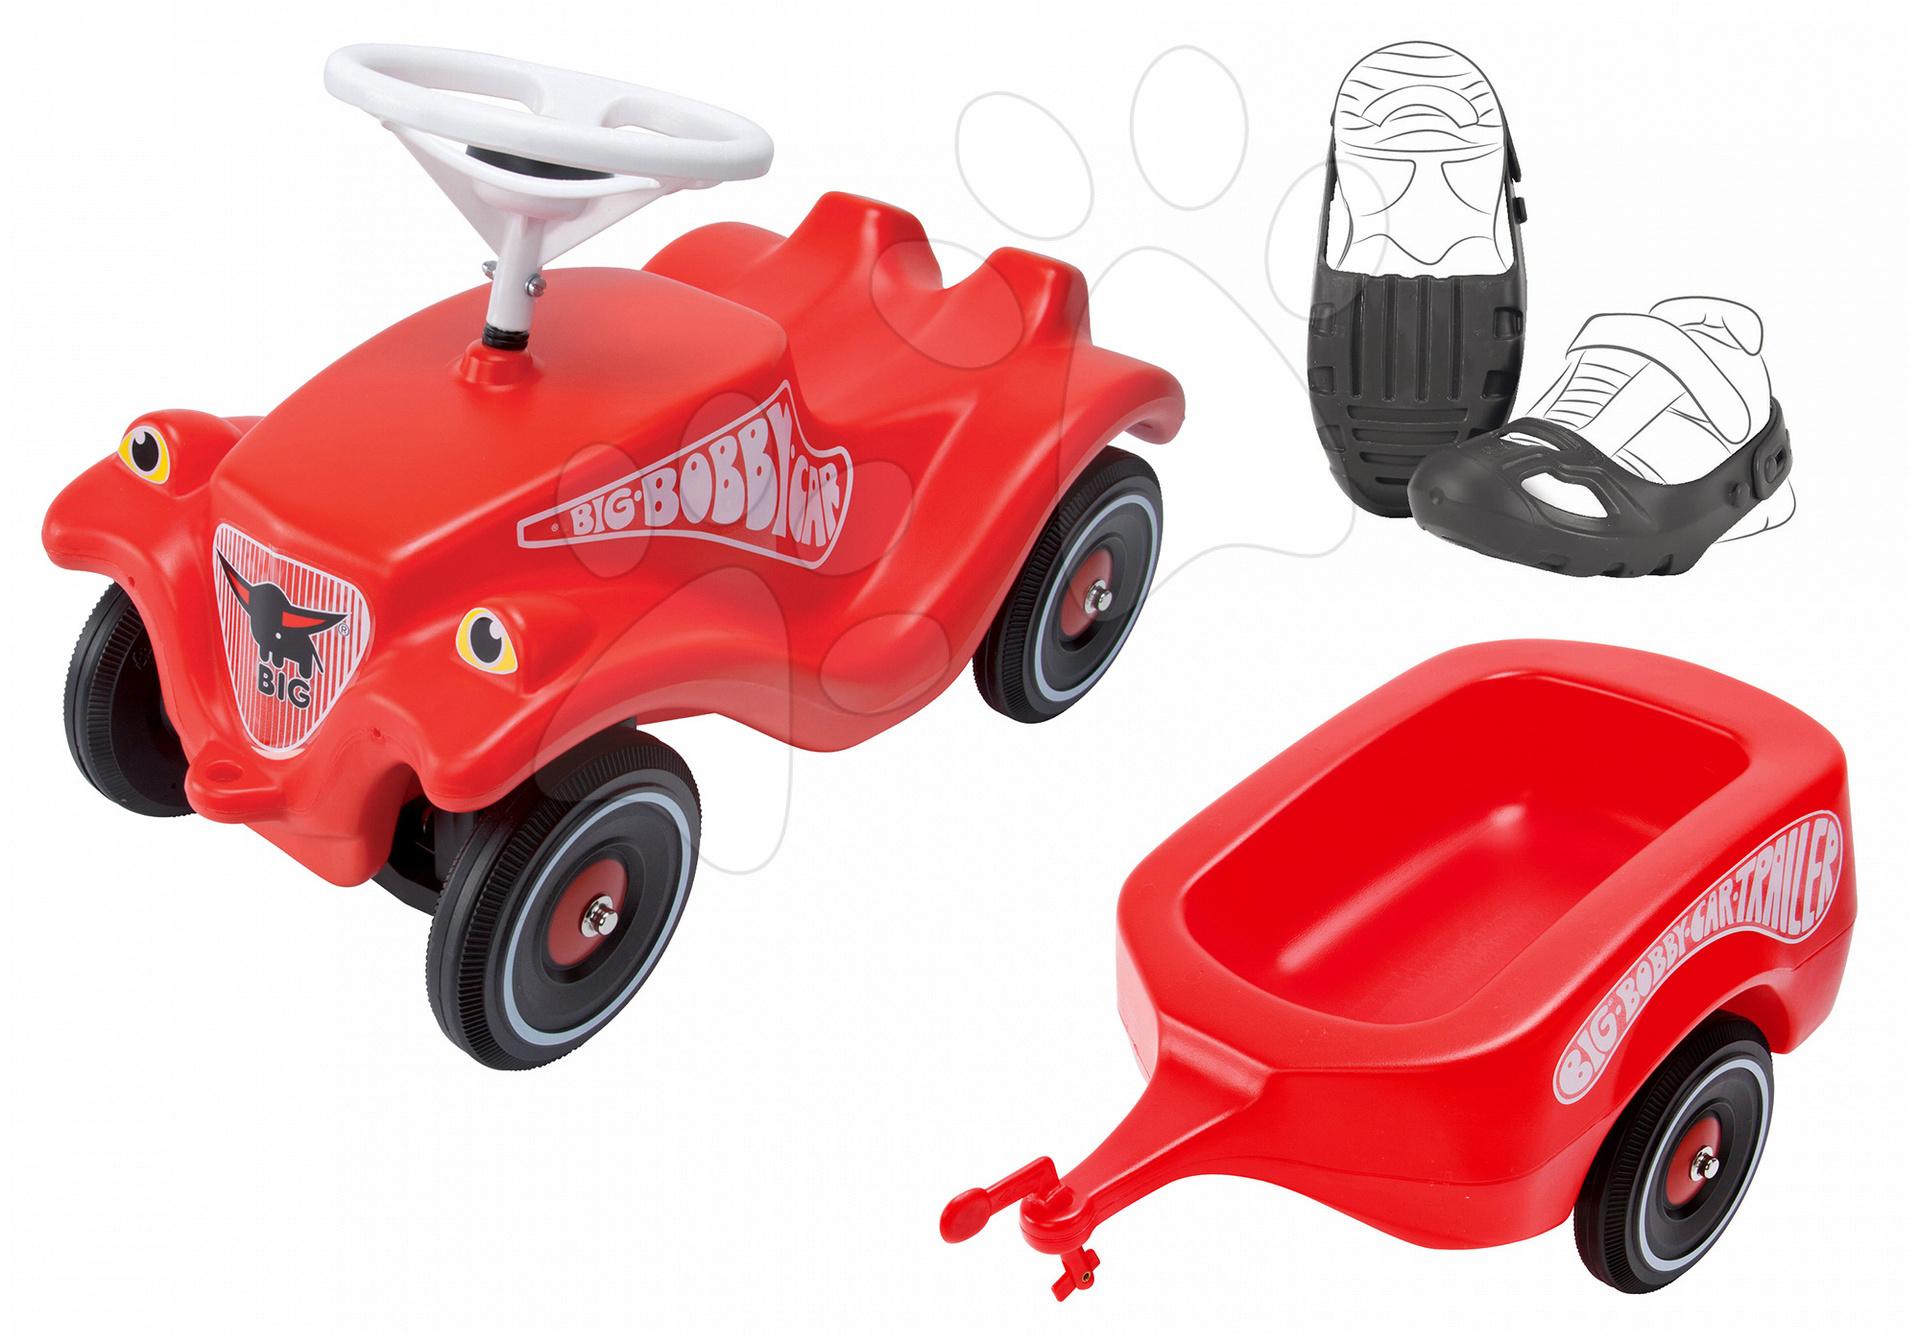 BIG set odrážadlo Bobby Classic, prívesný vozík a ochranné návleky 01303-14